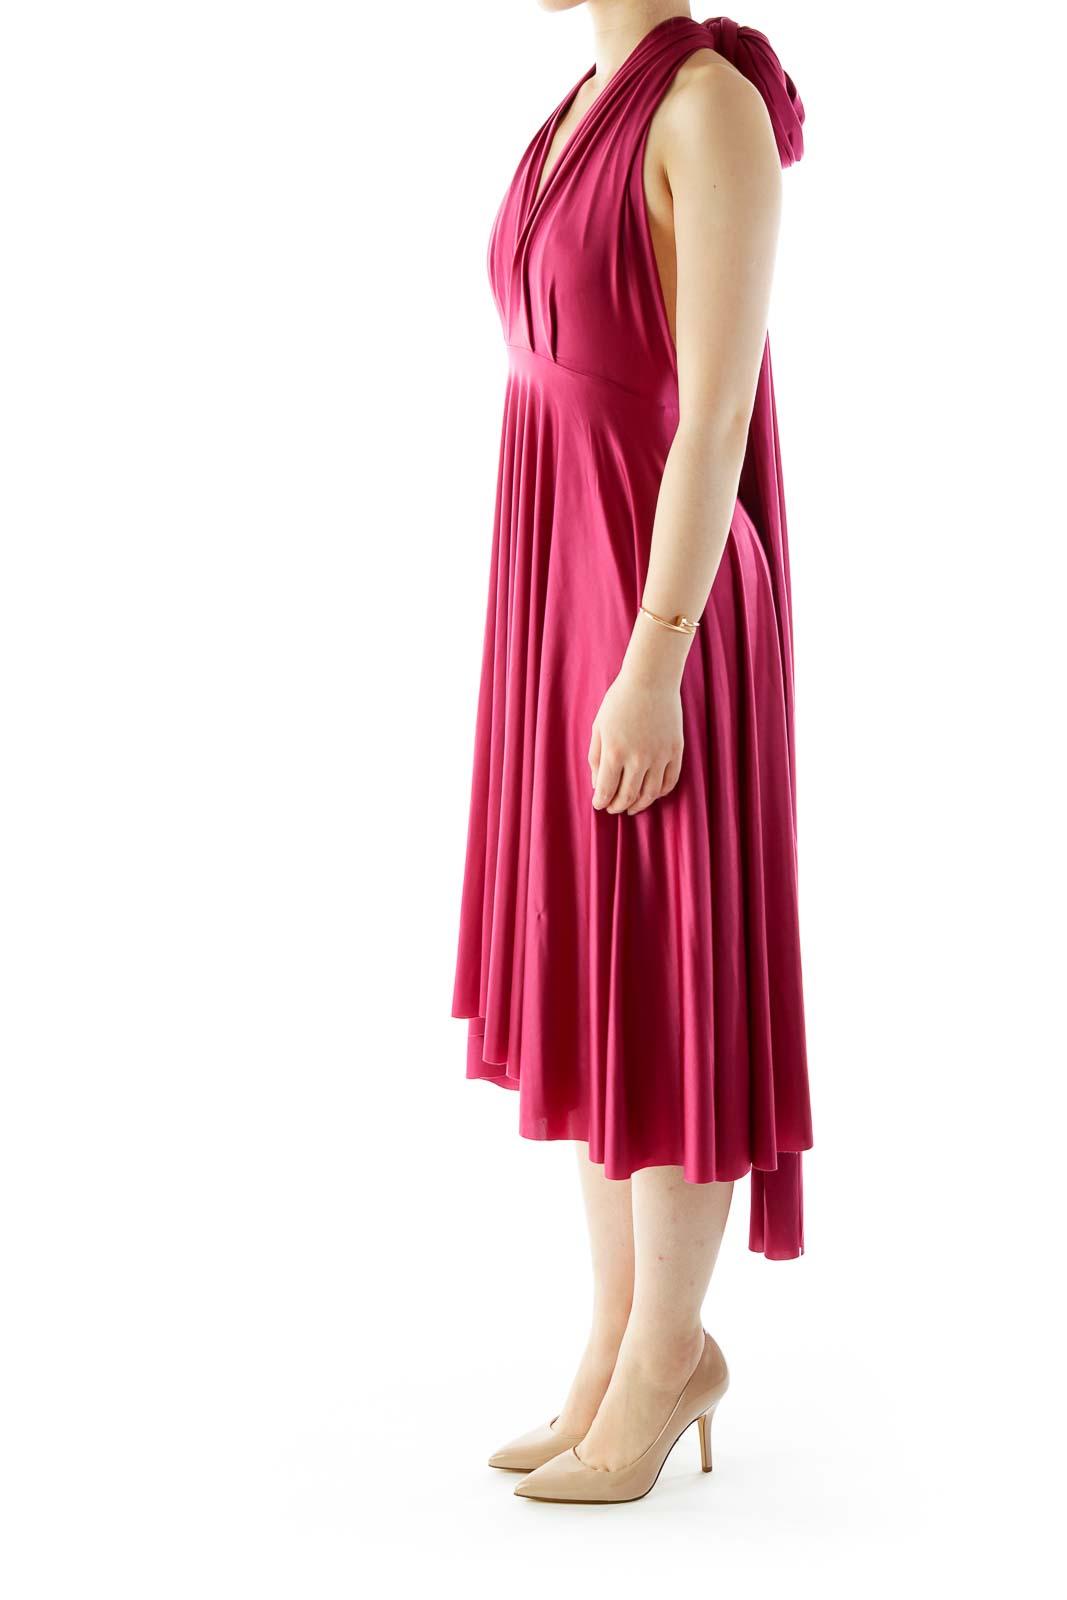 Pink Satin Wrap Cocktail Dress